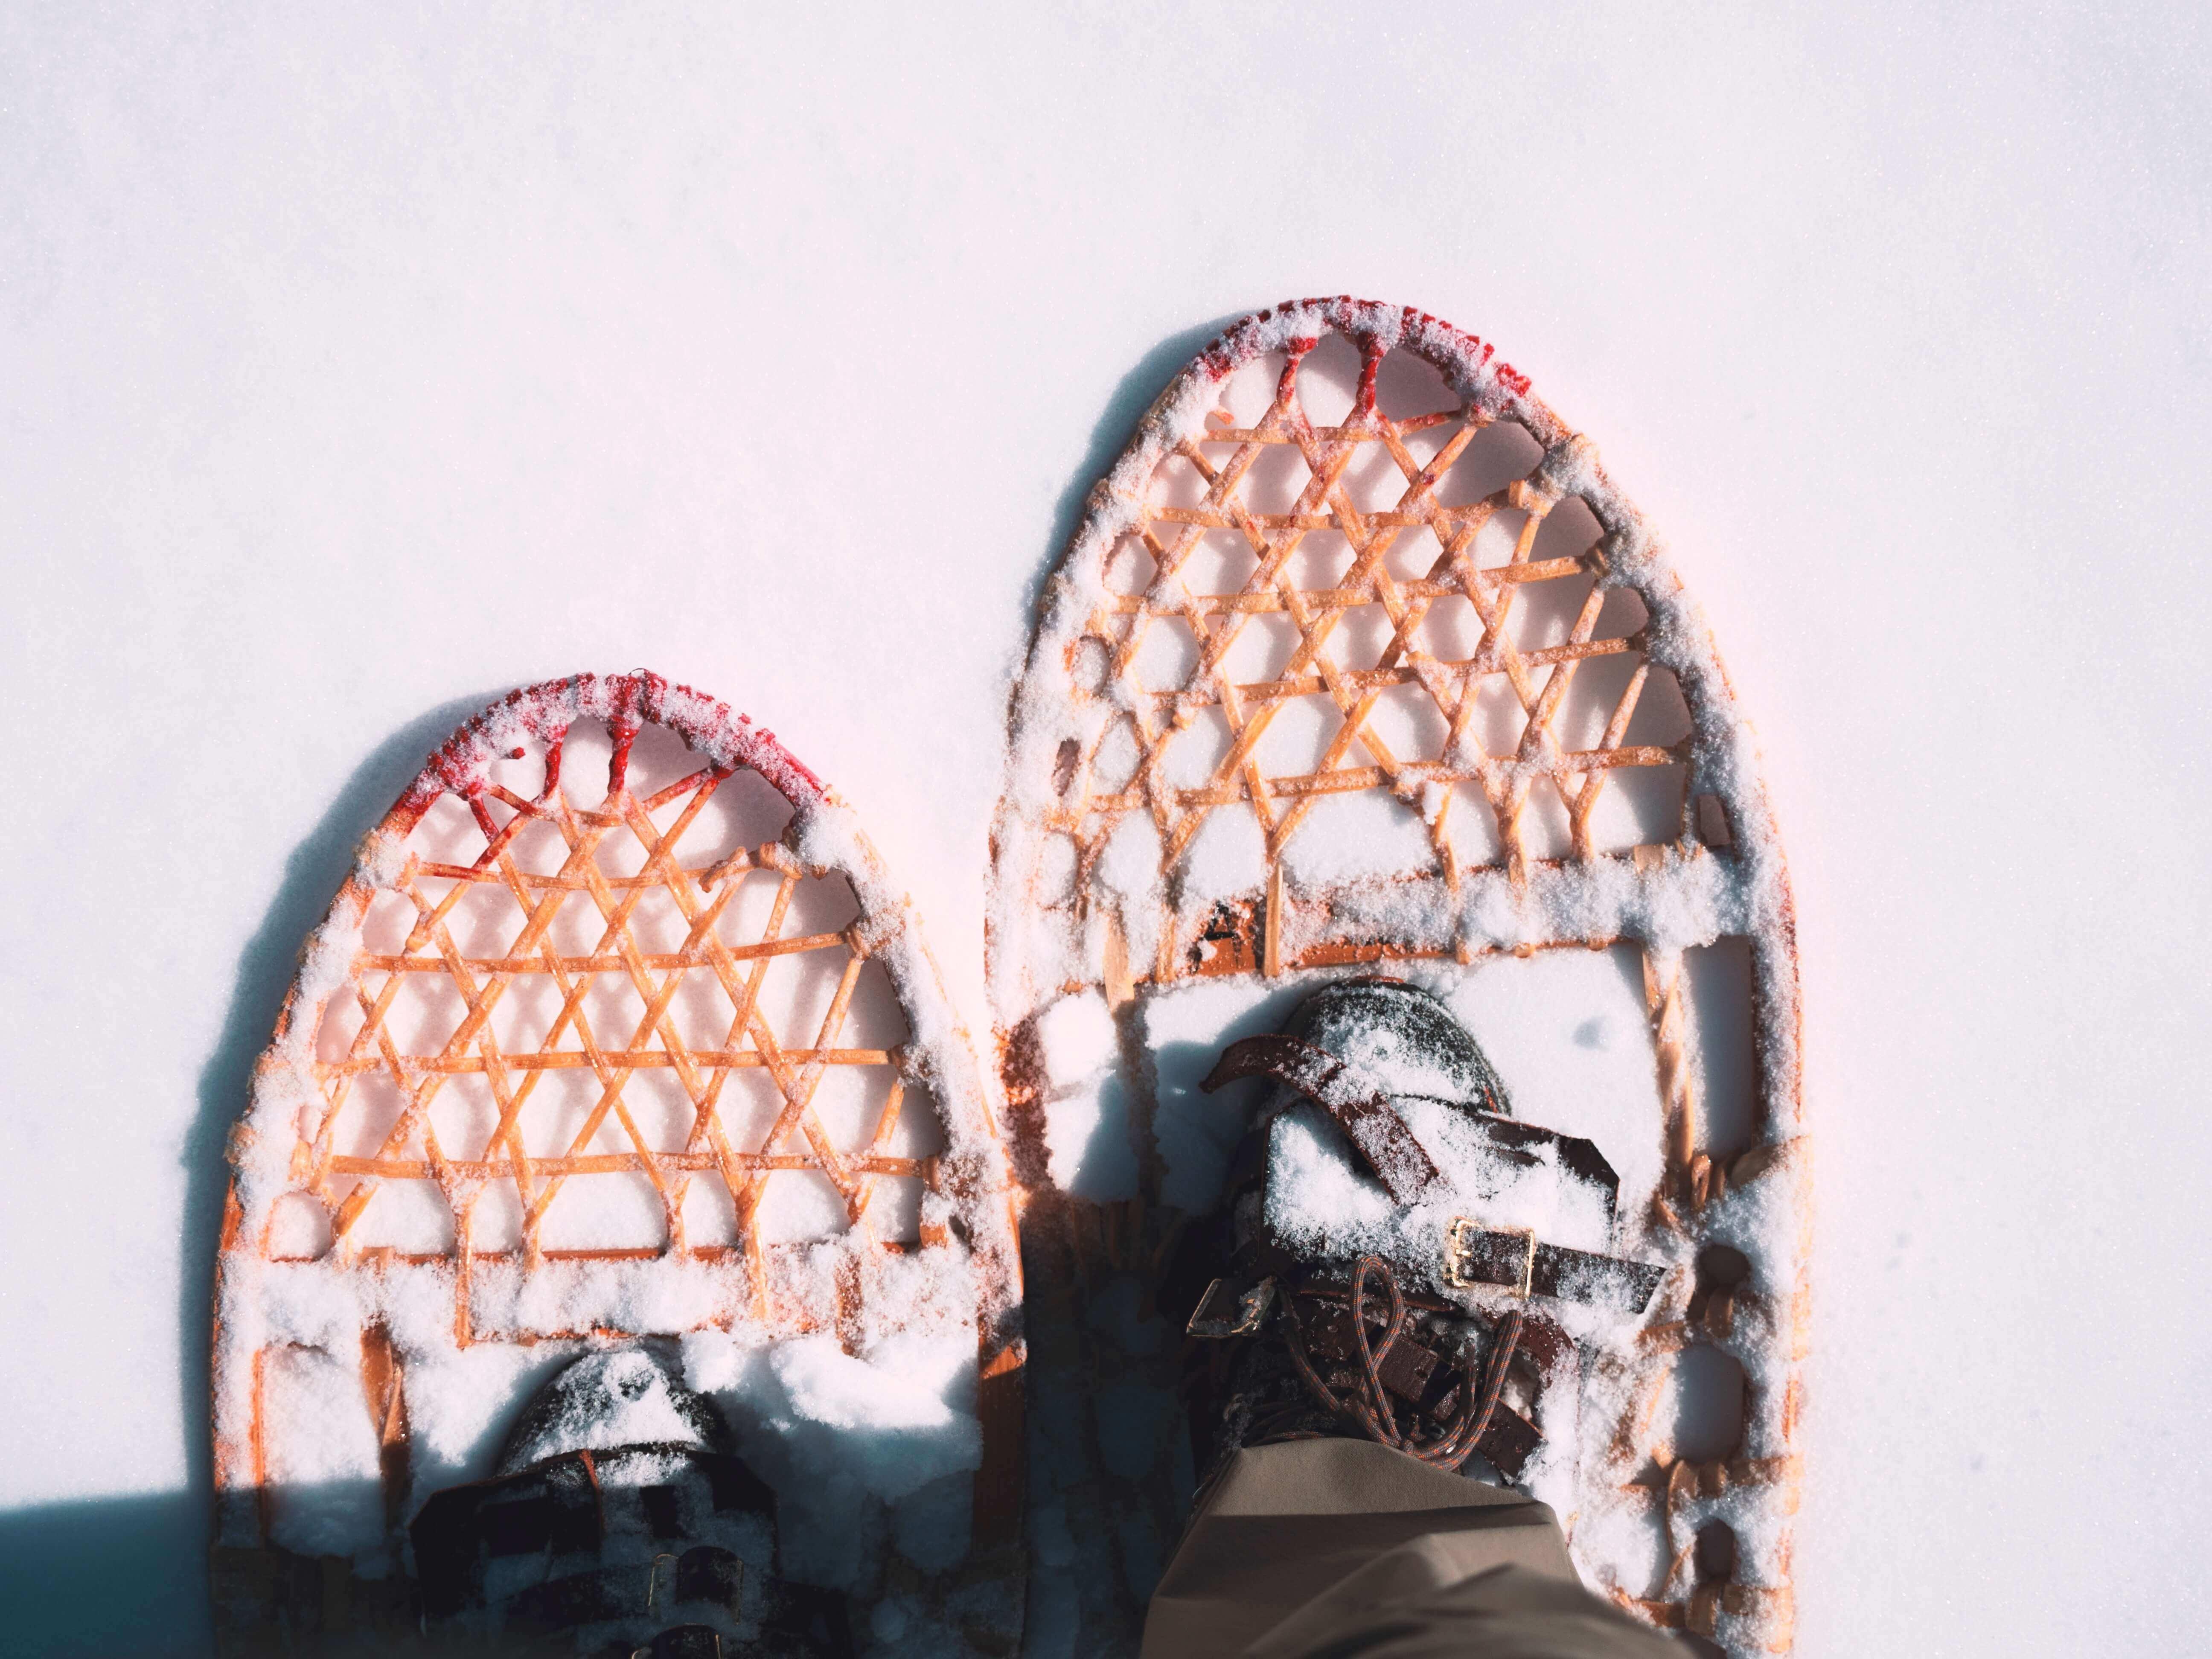 Хватит смотреть Нетфликс: необычные идеи зимних развлечений